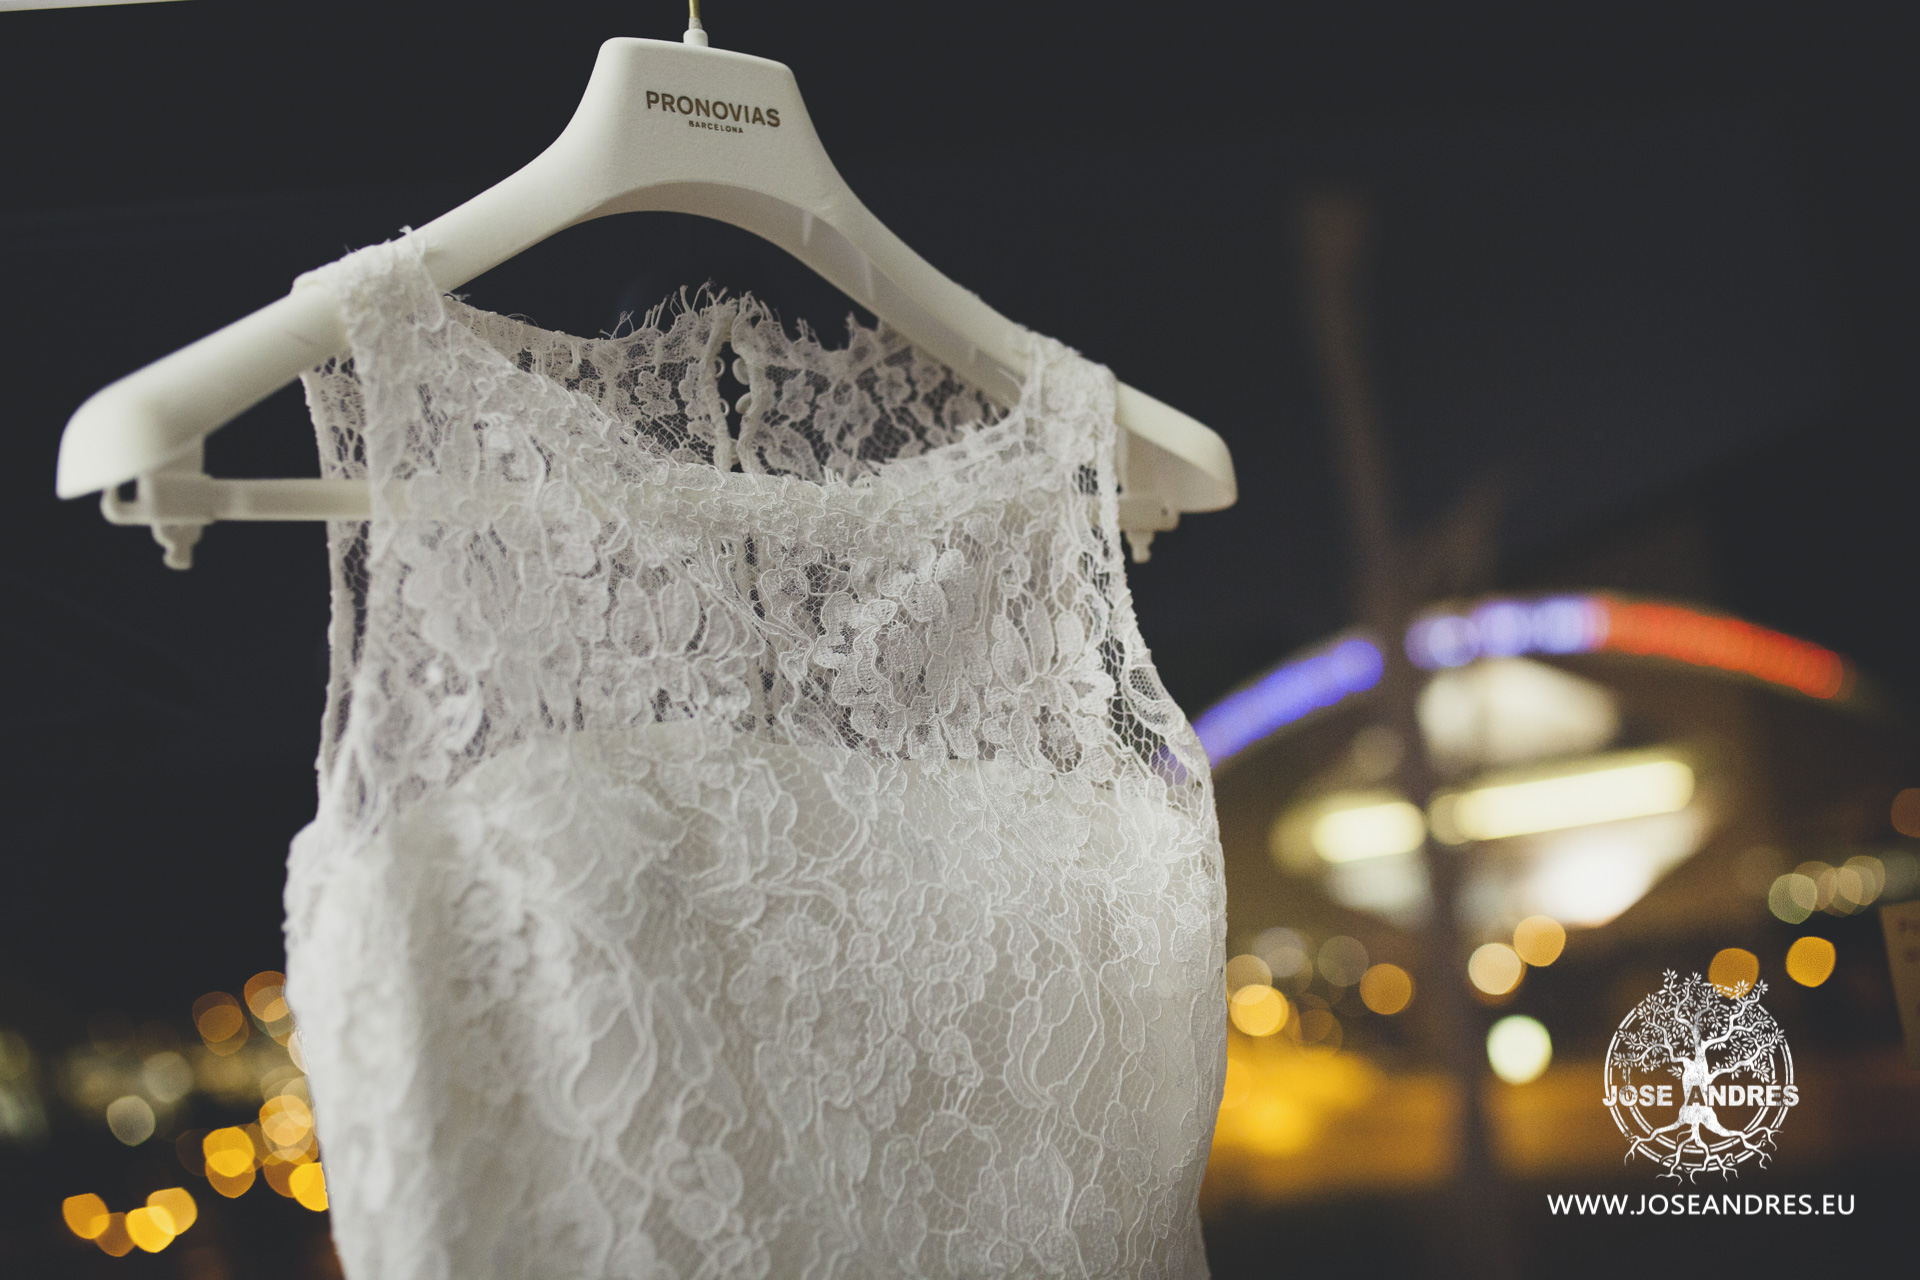 Vestido de novia de Pronovias, en hotel Barceló de Valencia